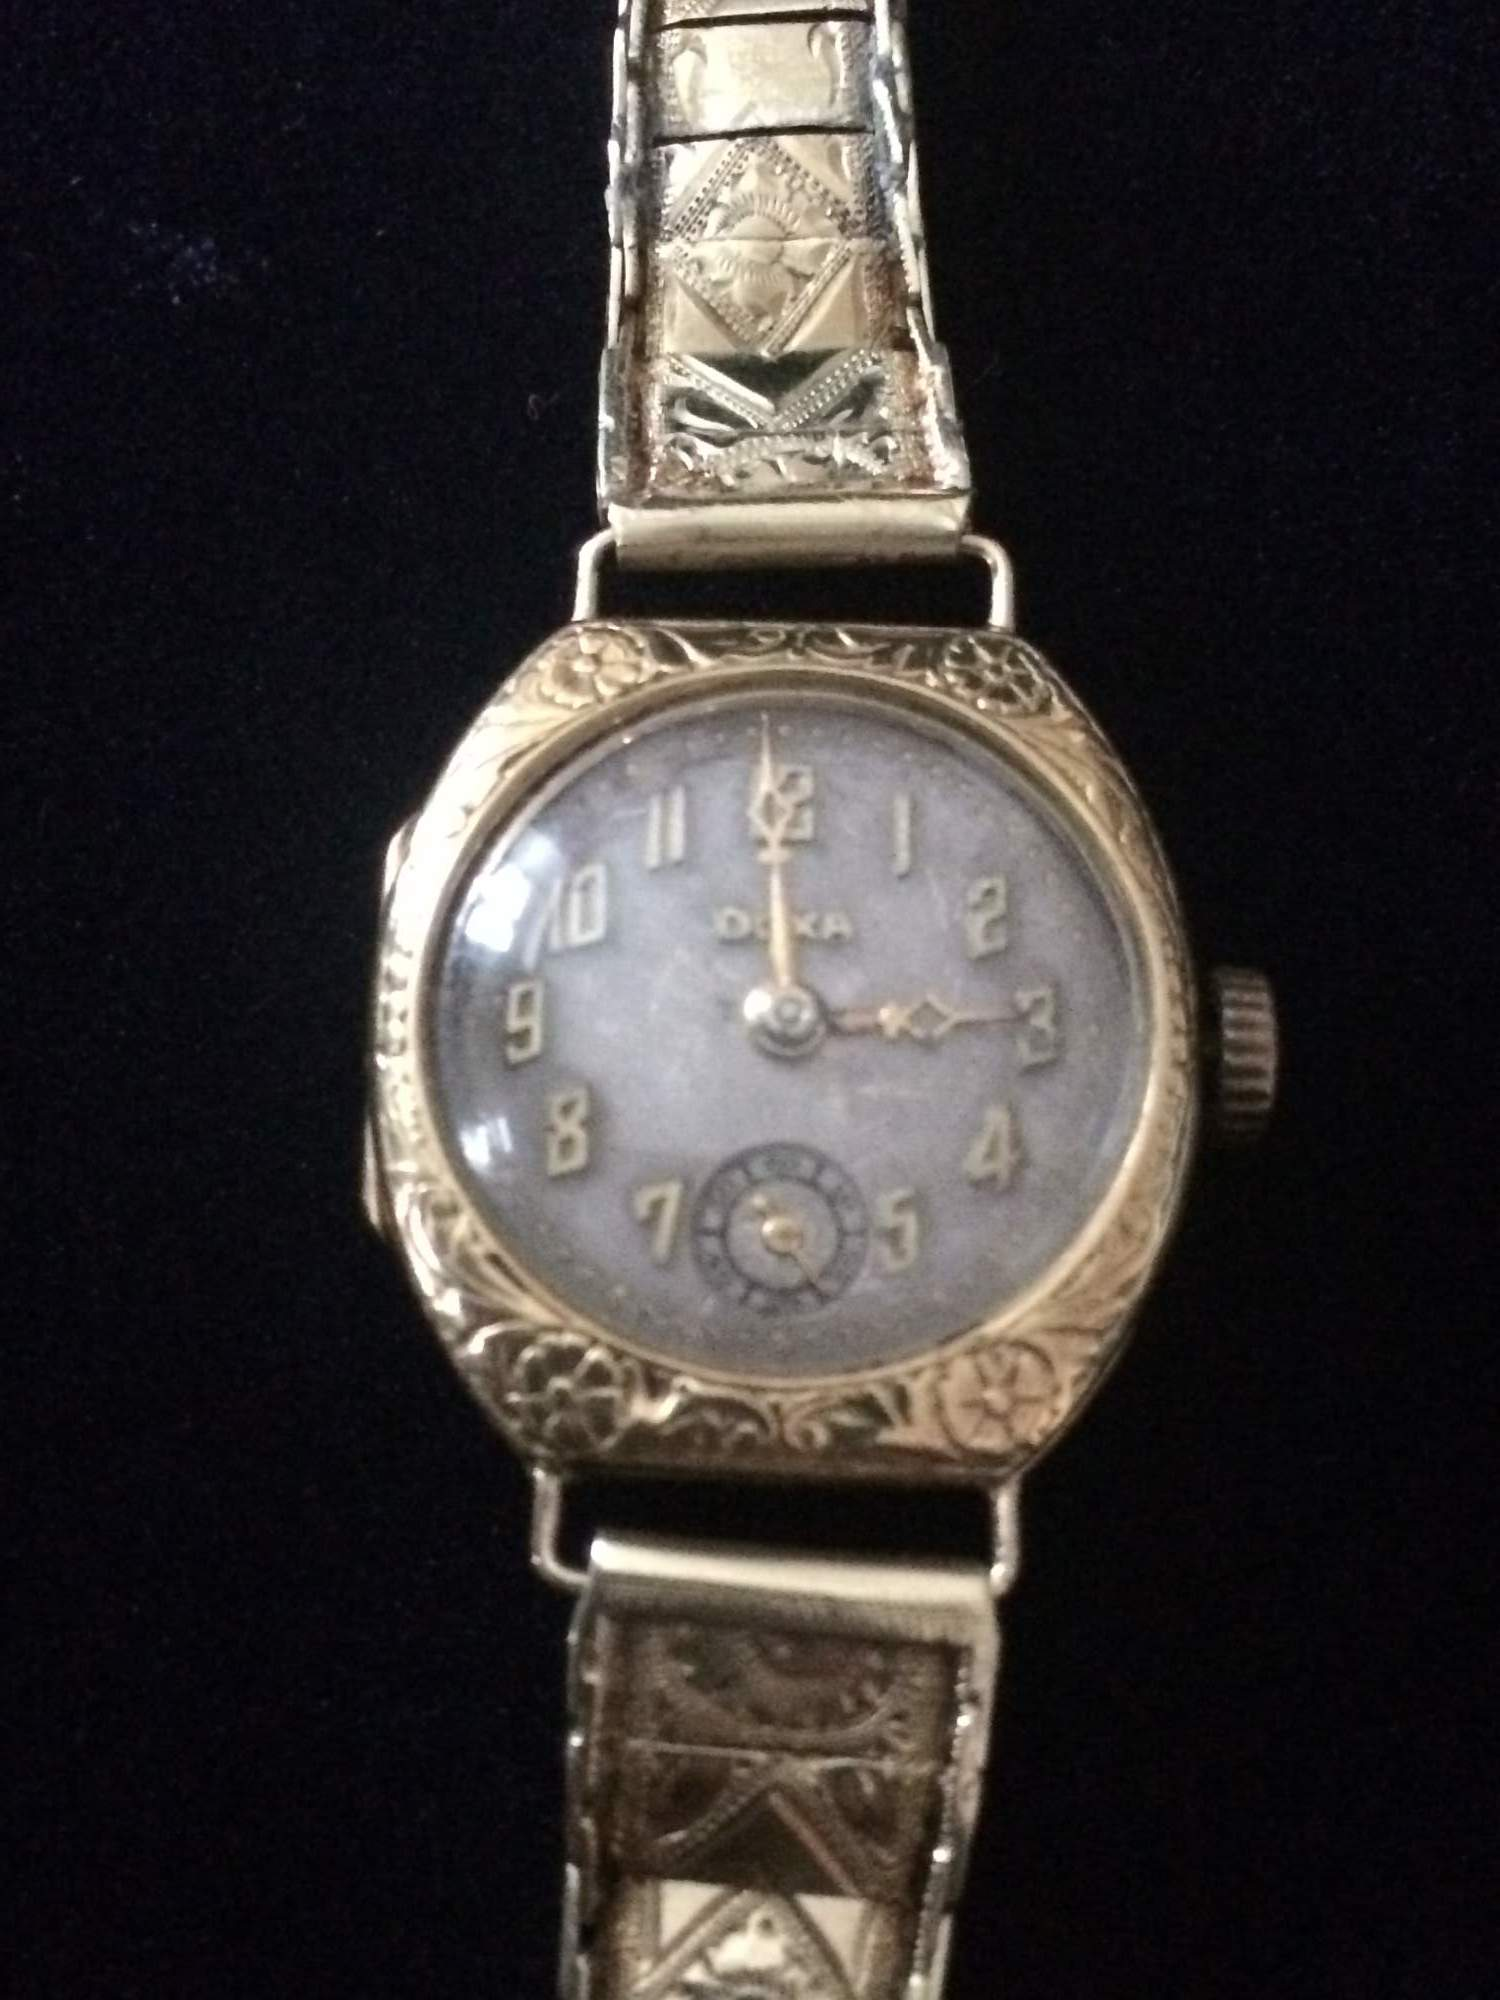 bb684c9be Dámské celo-zlaté náramkové hodinky -